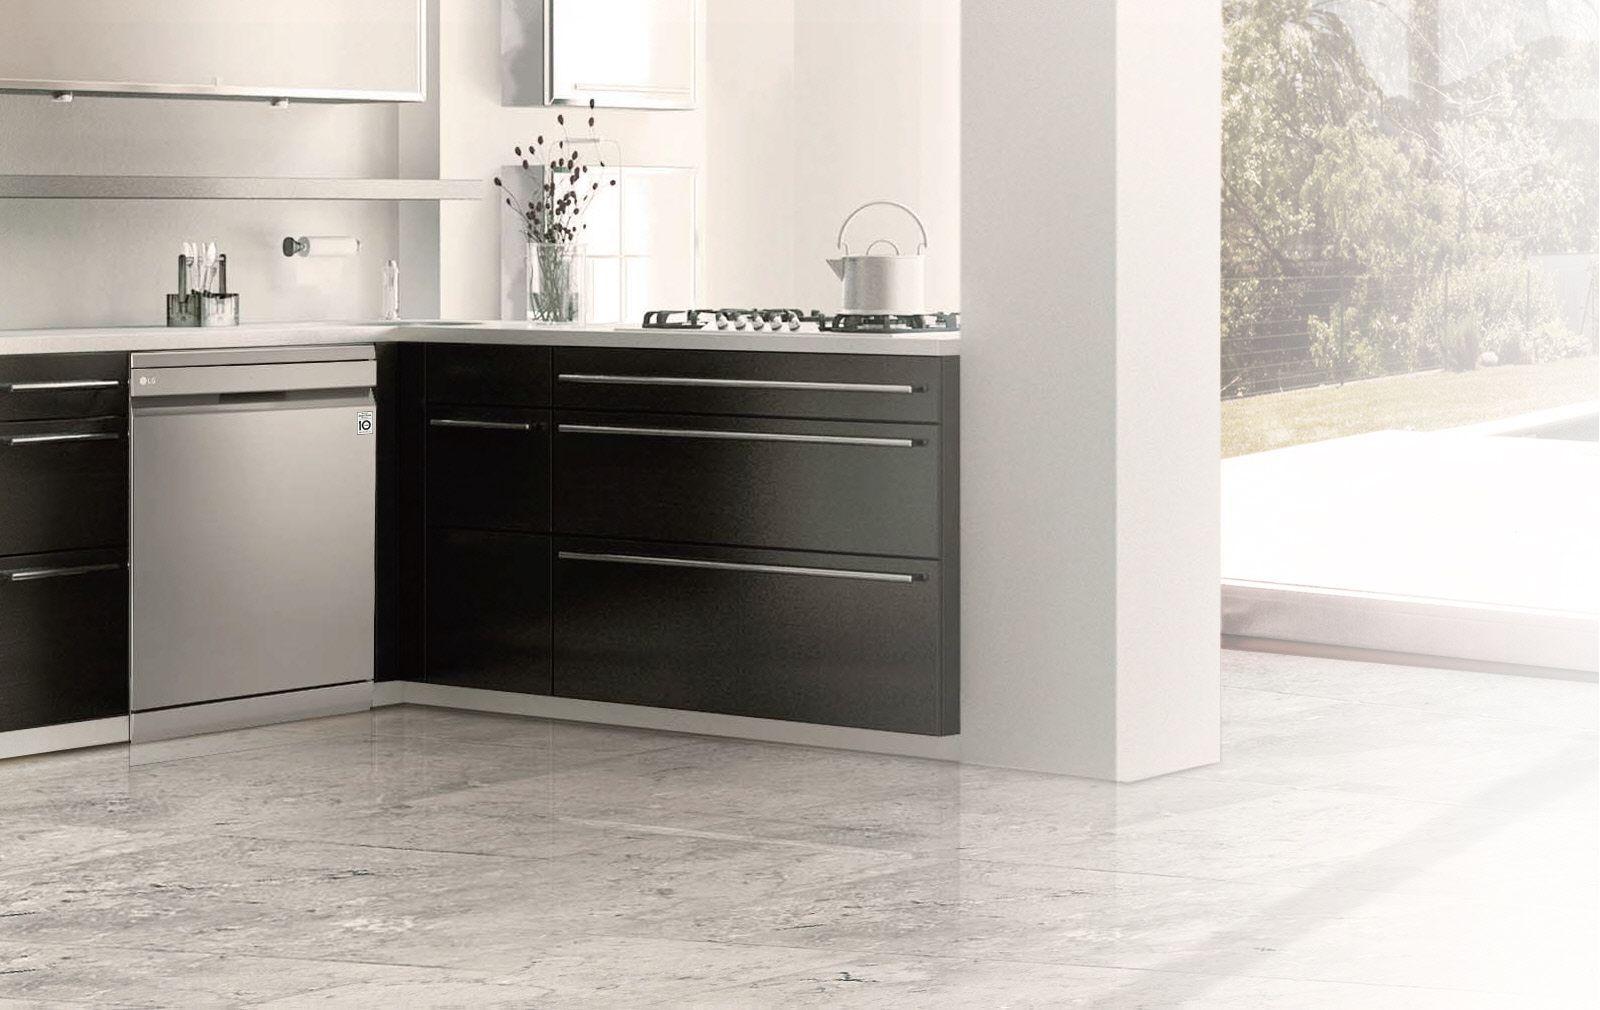 ماشین ظرفشویی ال جی مدل LG DFB425FP